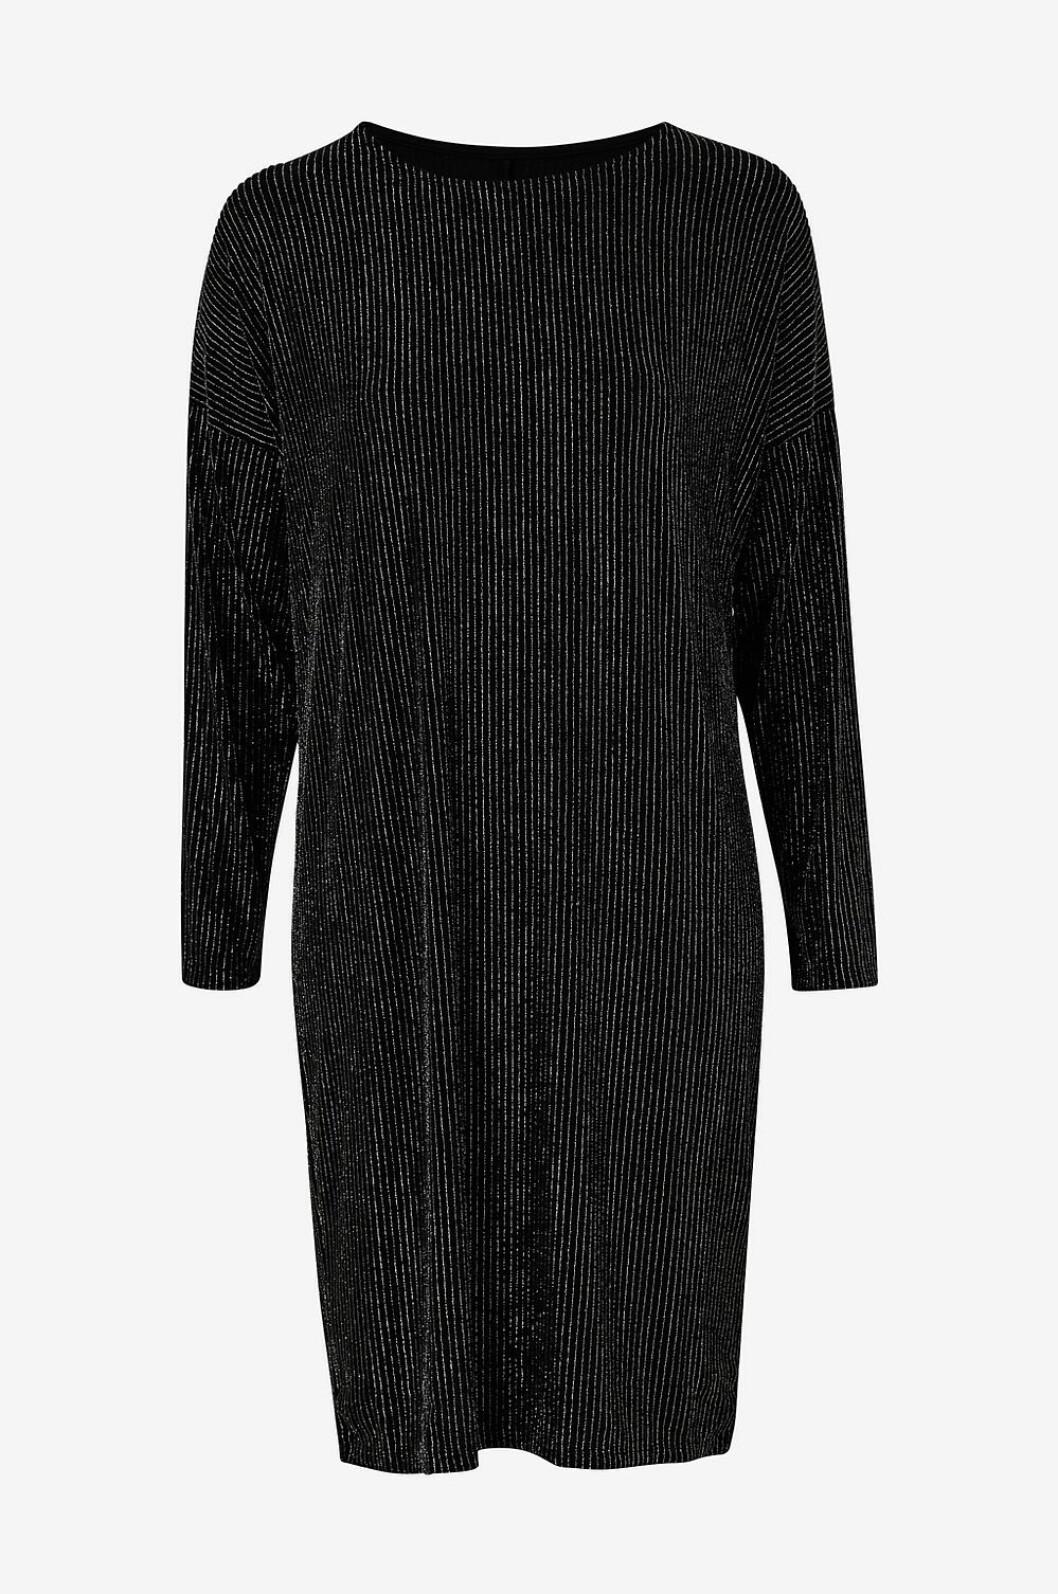 Svart klänning med glitter till julafton 2019